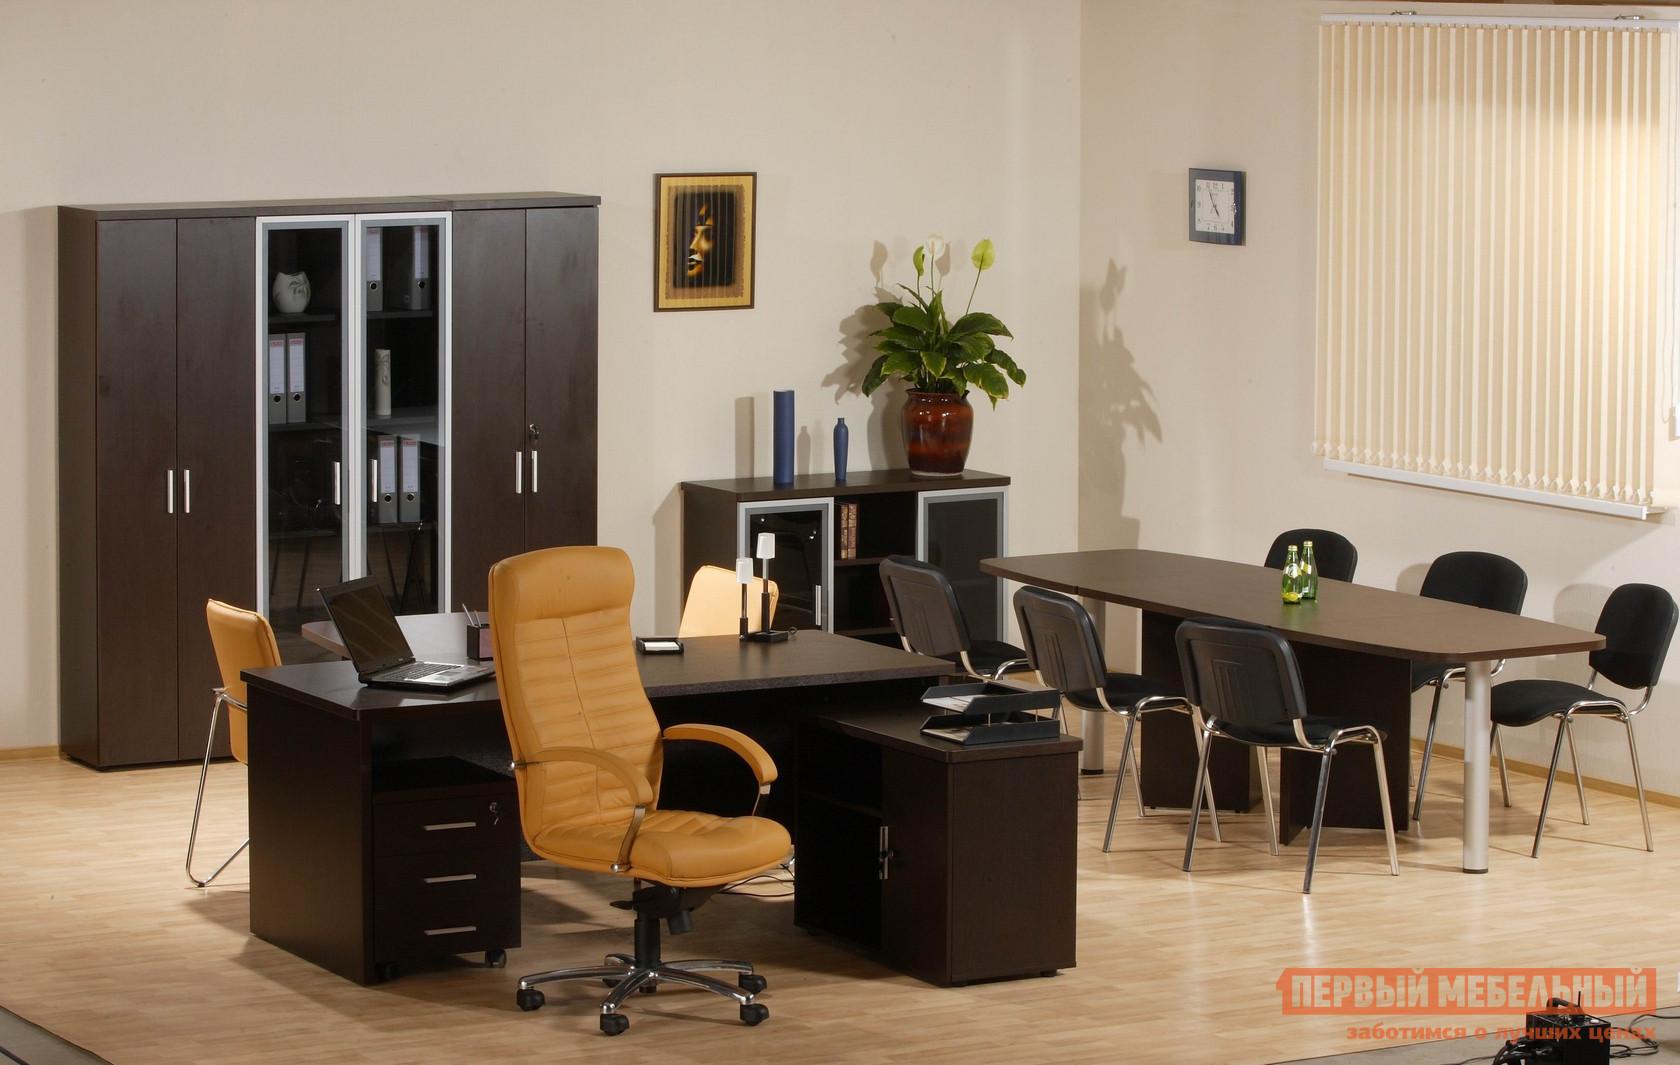 Комплект офисной мебели Витра Цезарь К1 комплект детской мебели трия навигатор к1